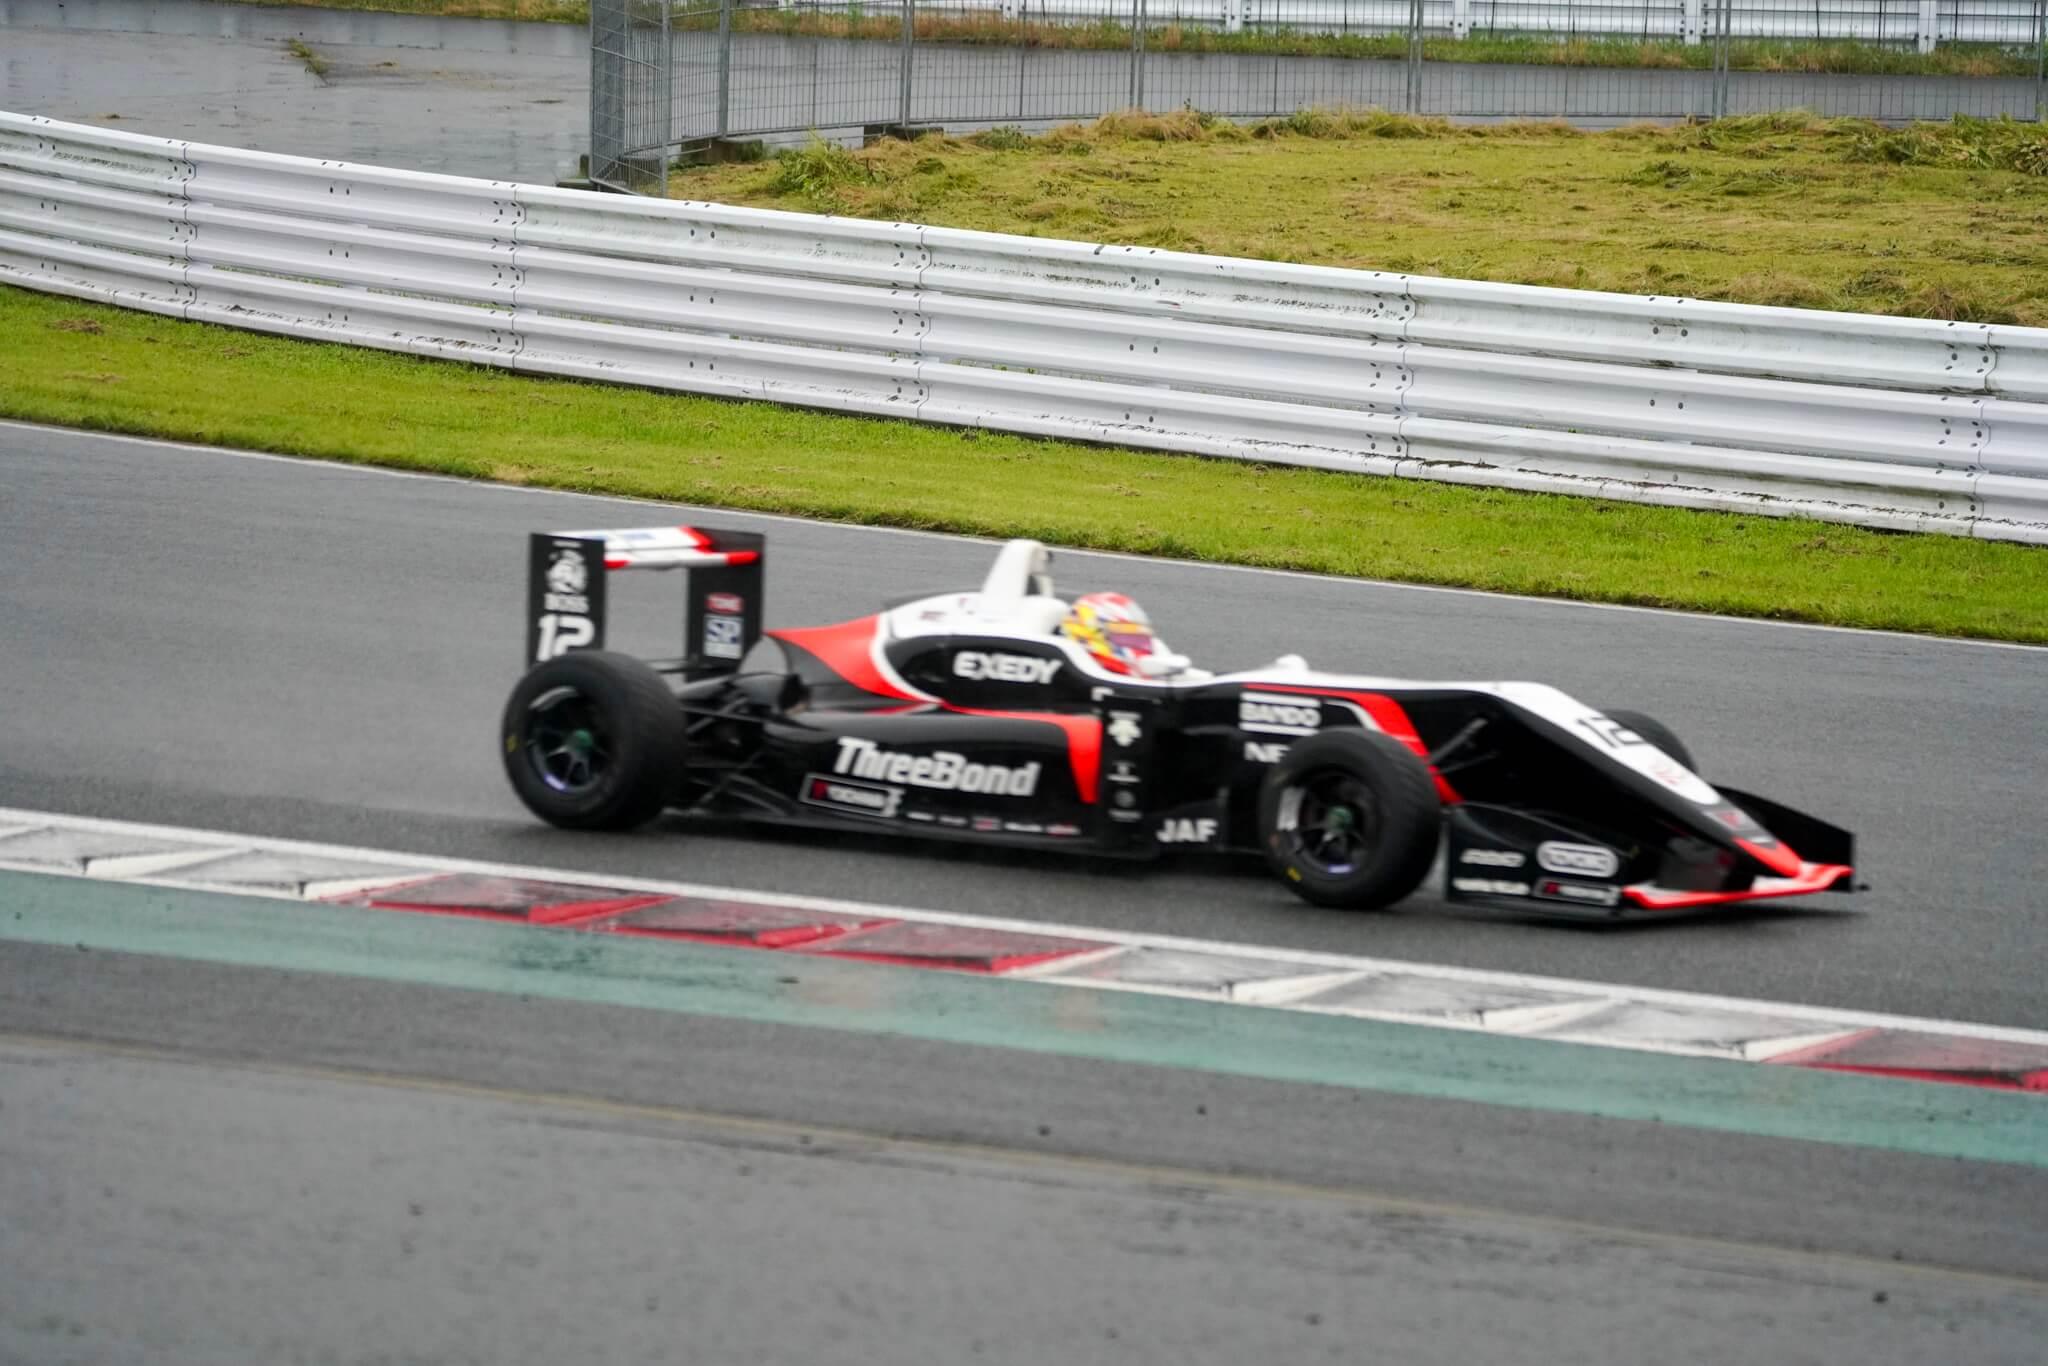 F3 スリーボンドレーシング 12号車 大津弘樹